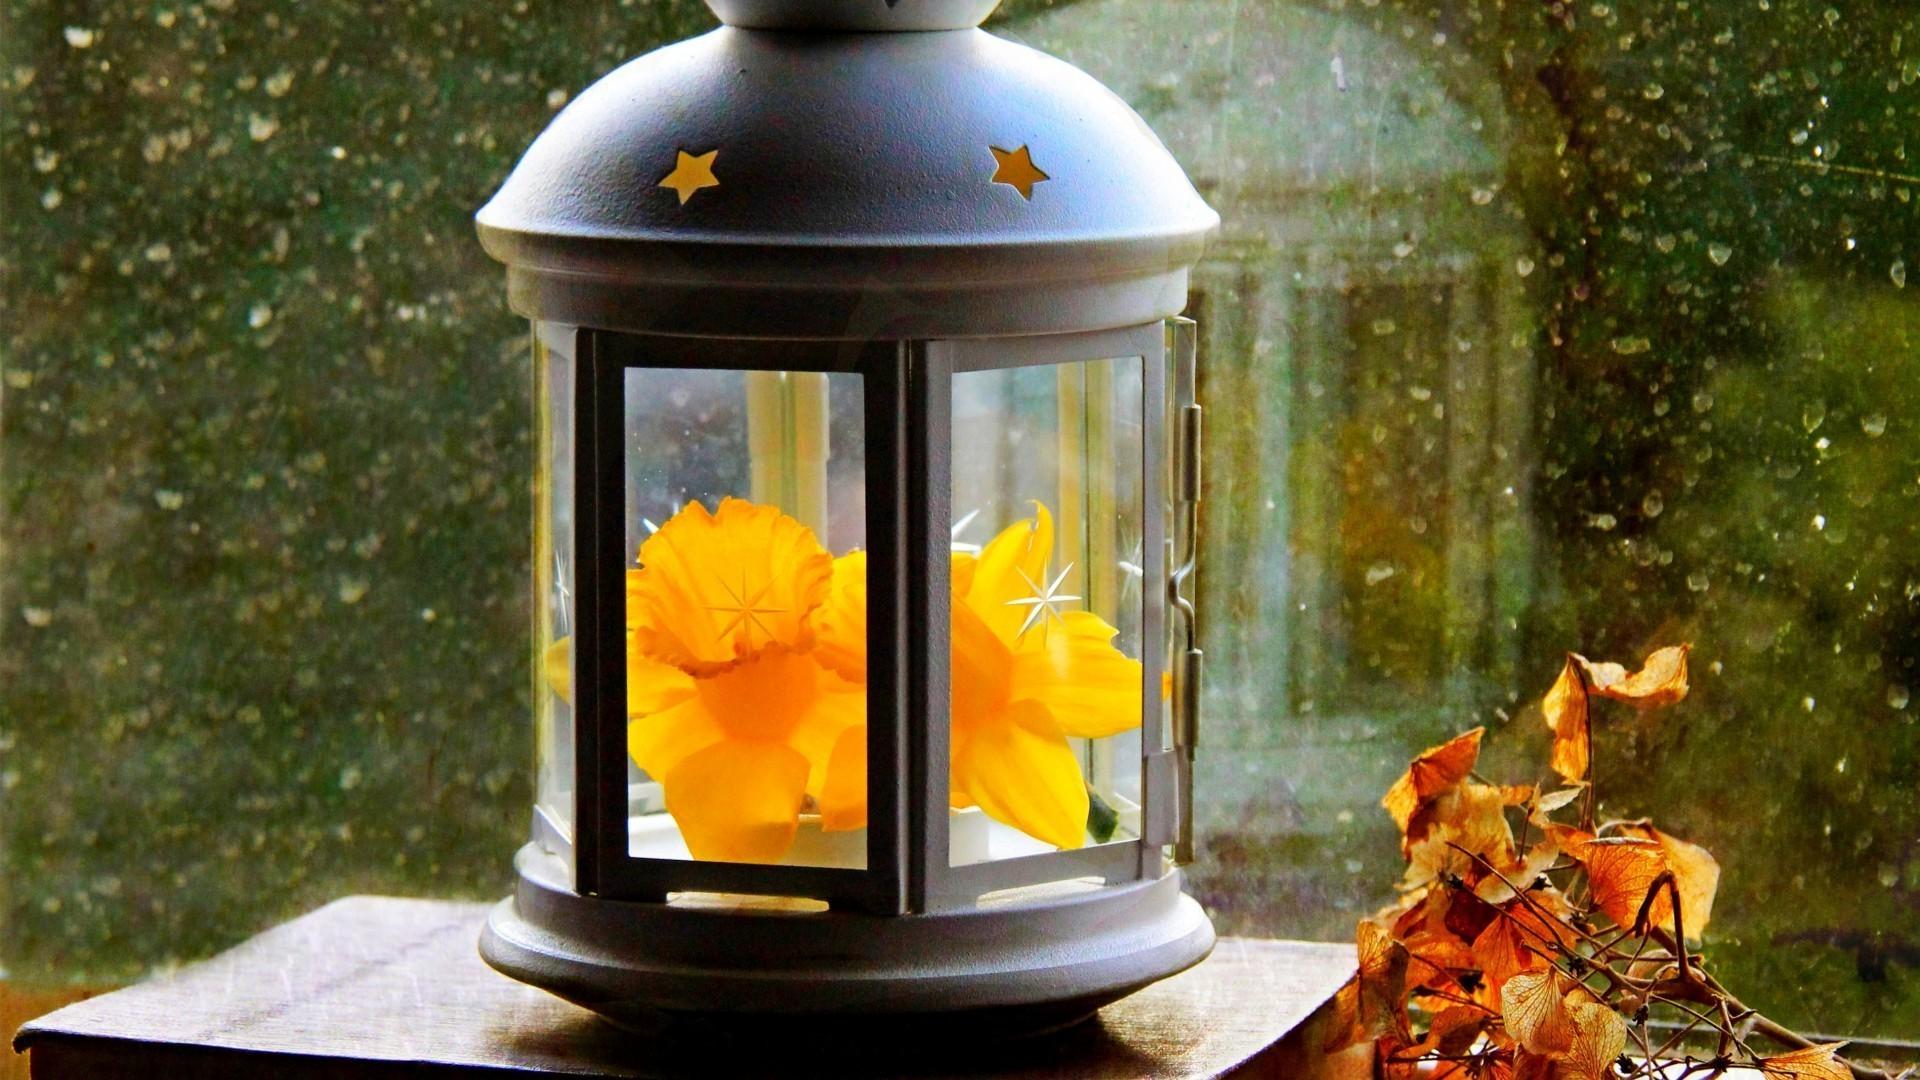 Картинки за окном фонари